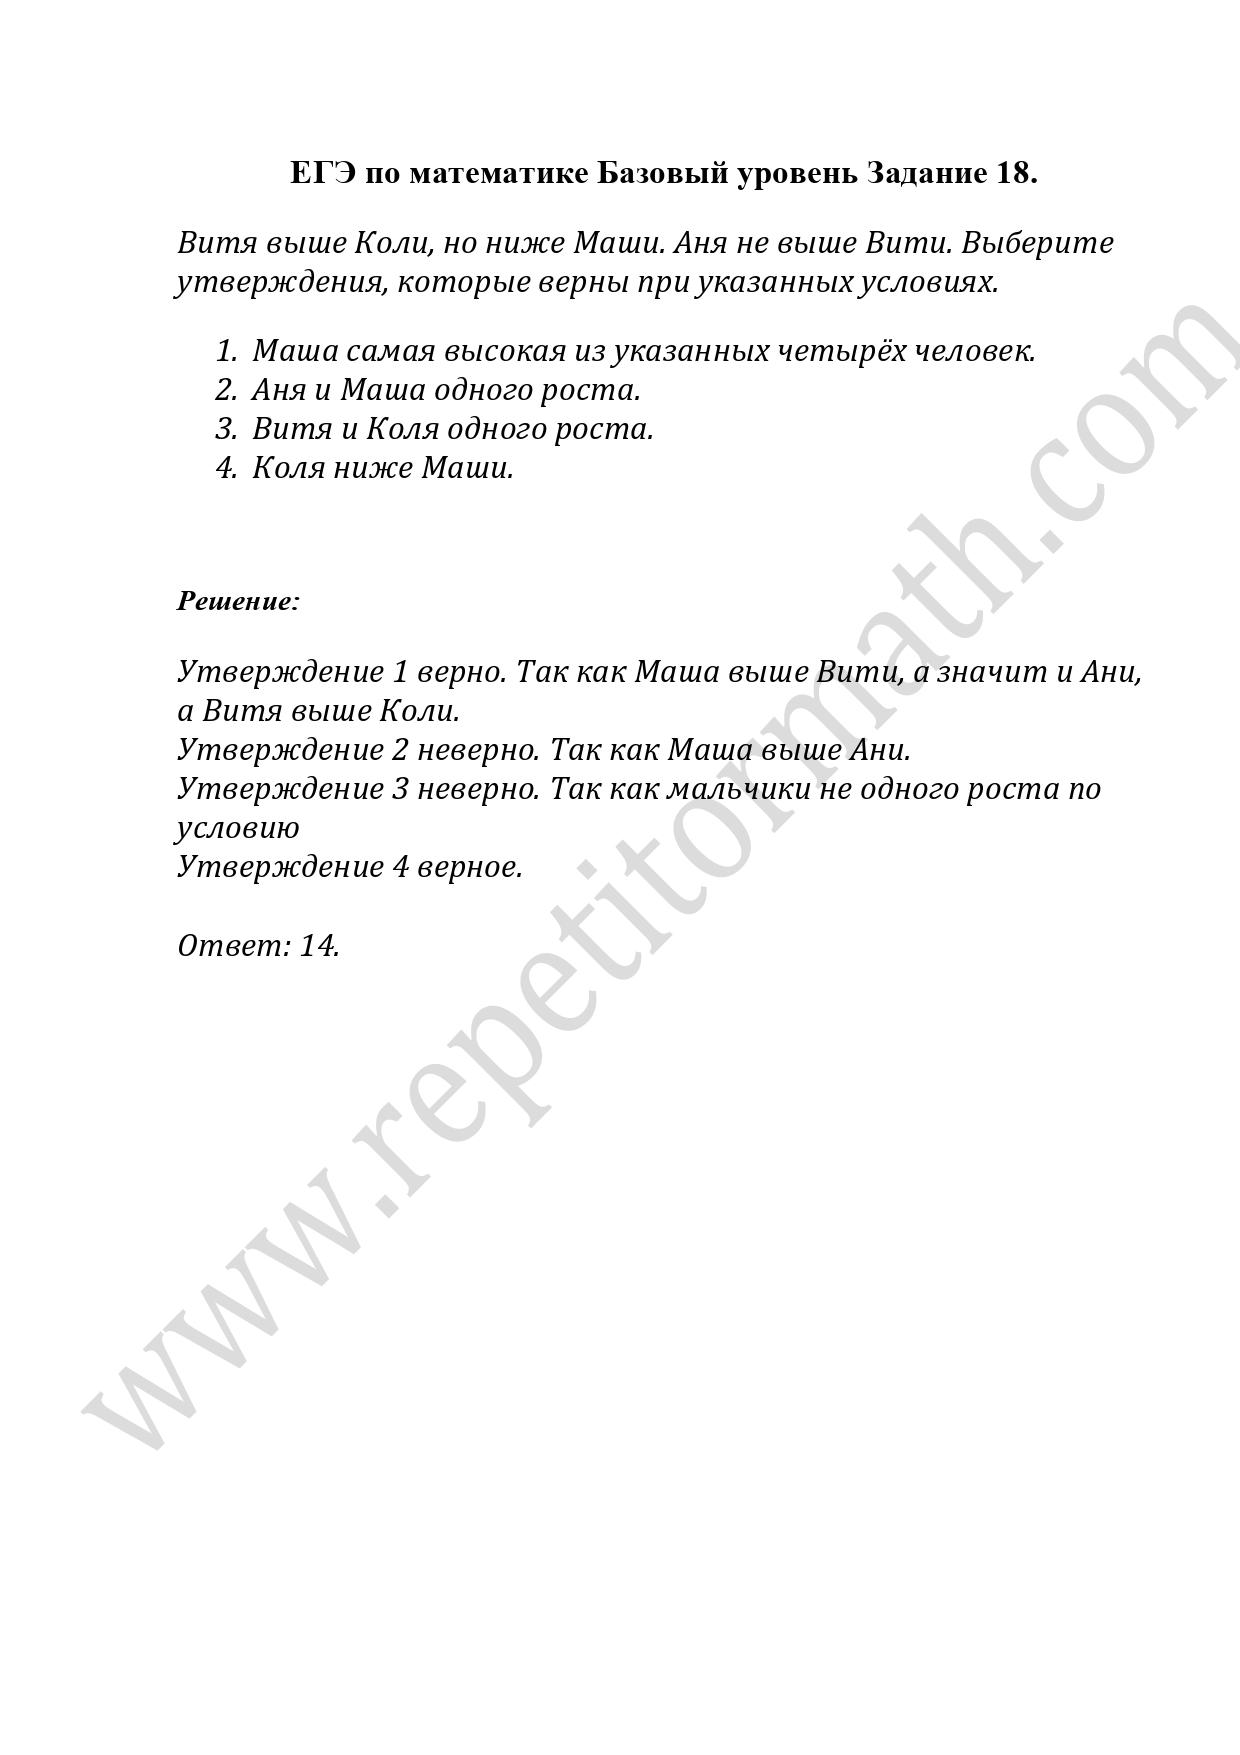 Задание №18 ЕГЭ (базовый уровень)